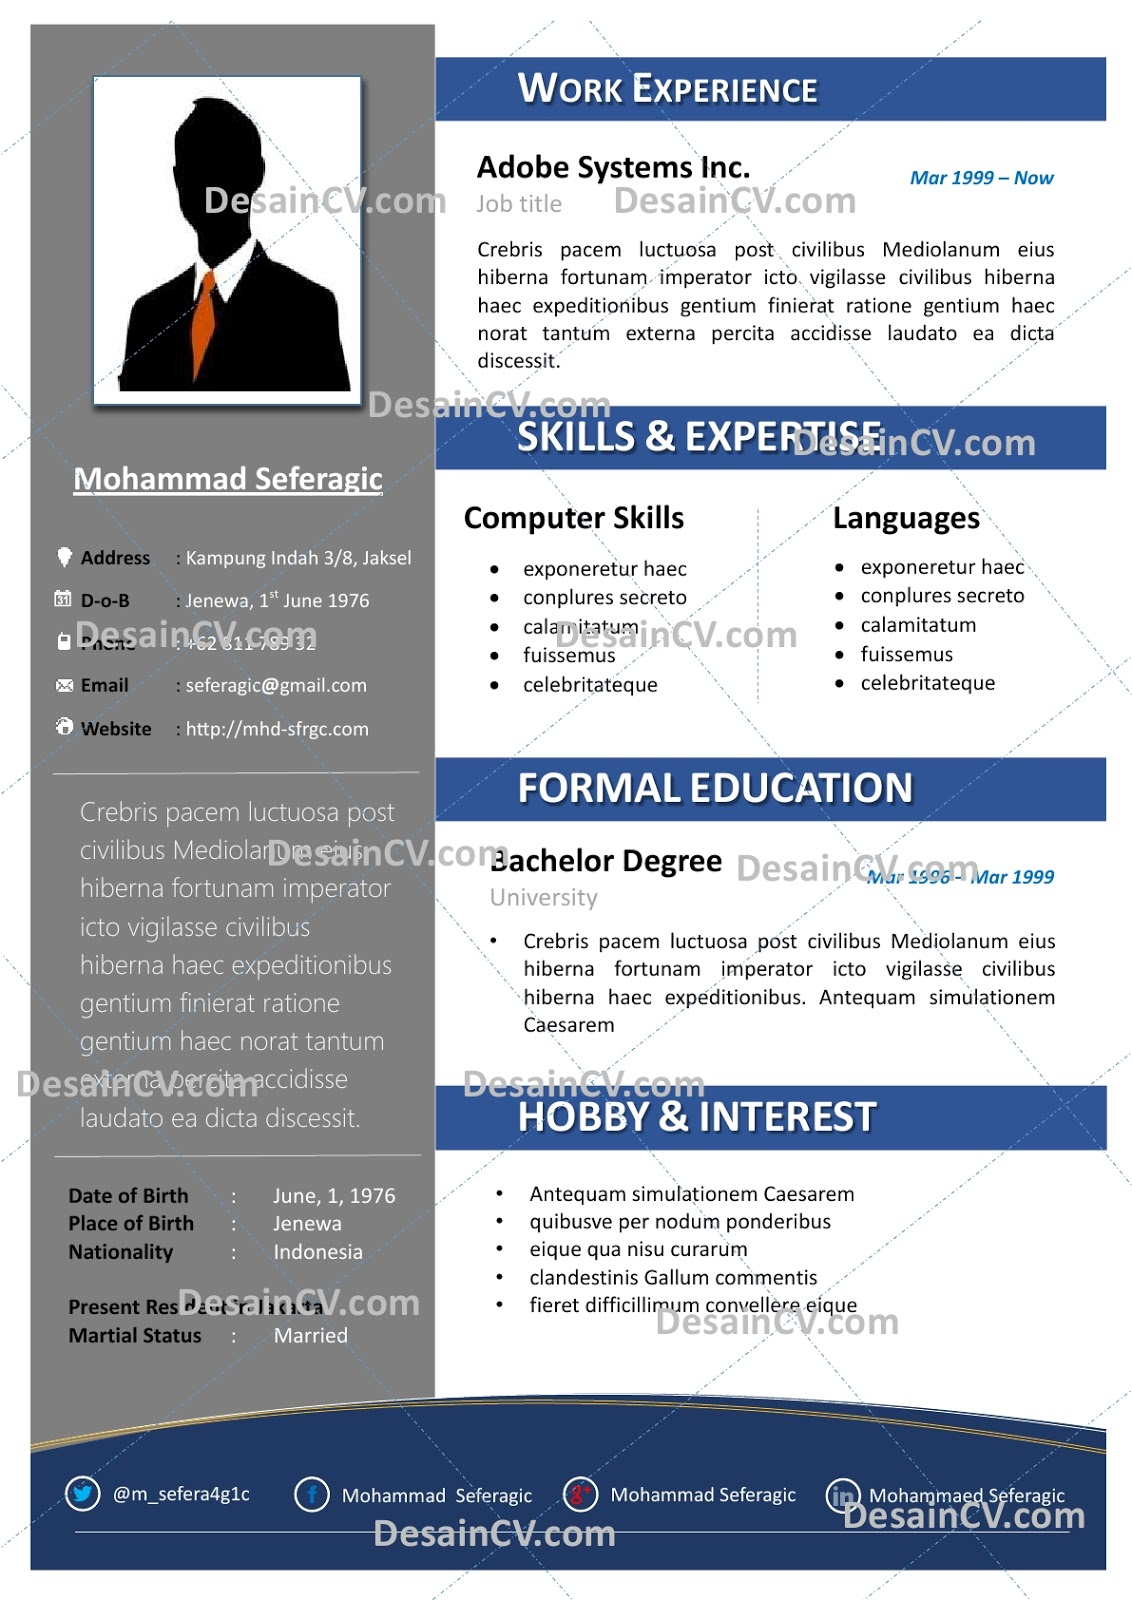 Contoh Curriculum Vitae Bahasa Inggris Yang Menarik Help With